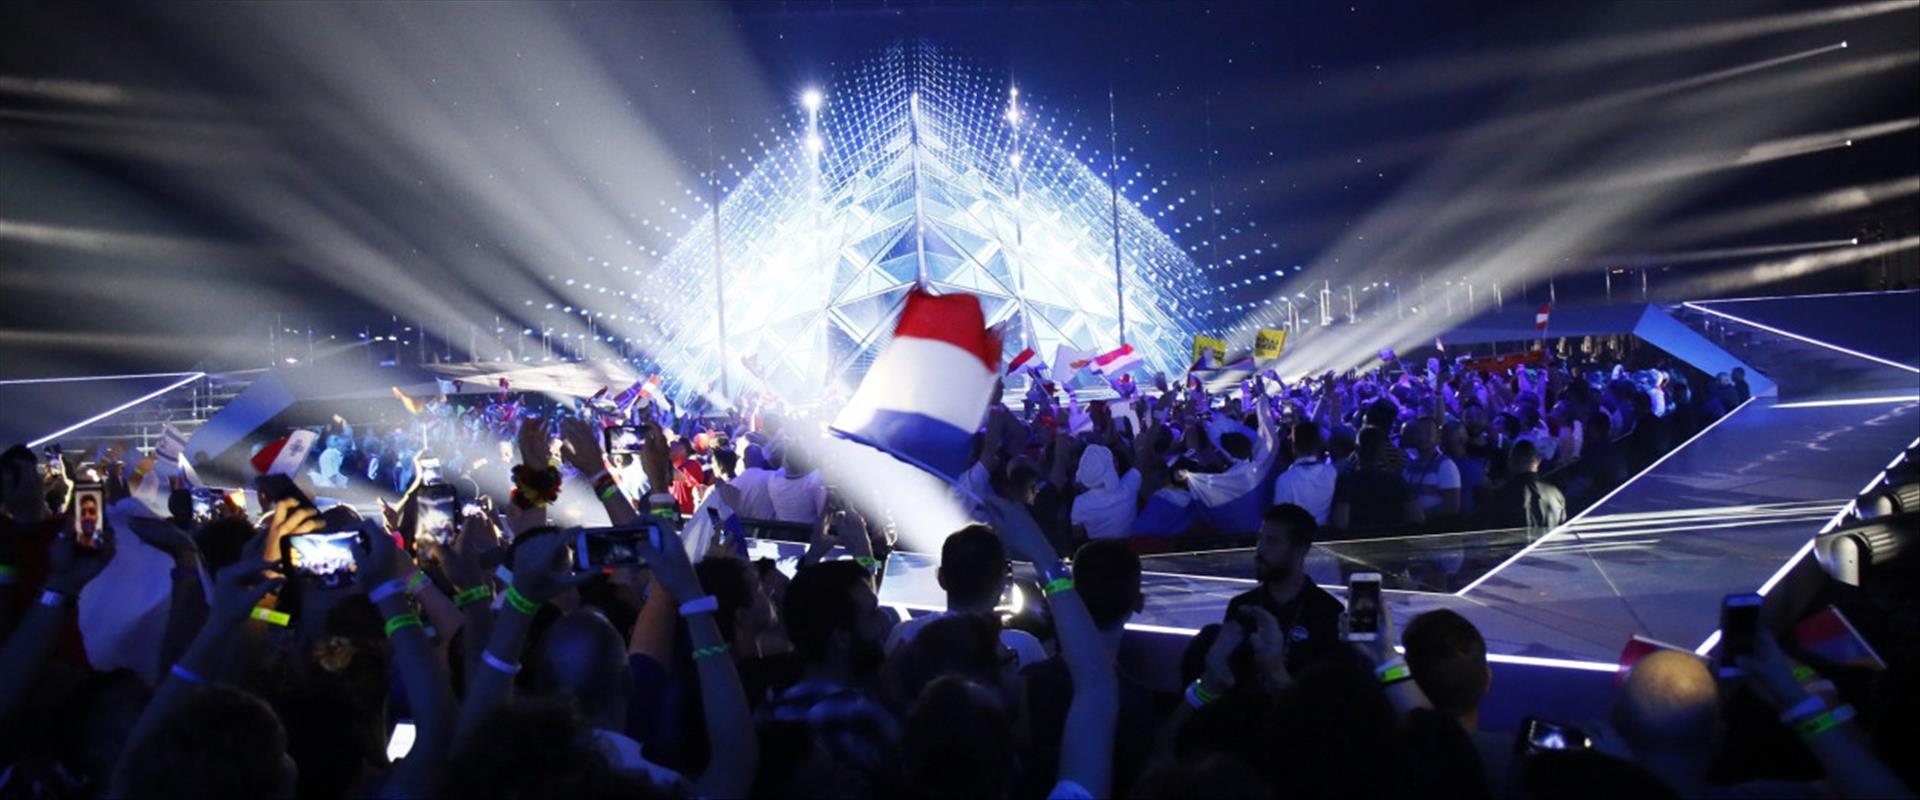 מתוך אירוויזיון 2019 שהתקיים בתל אביב